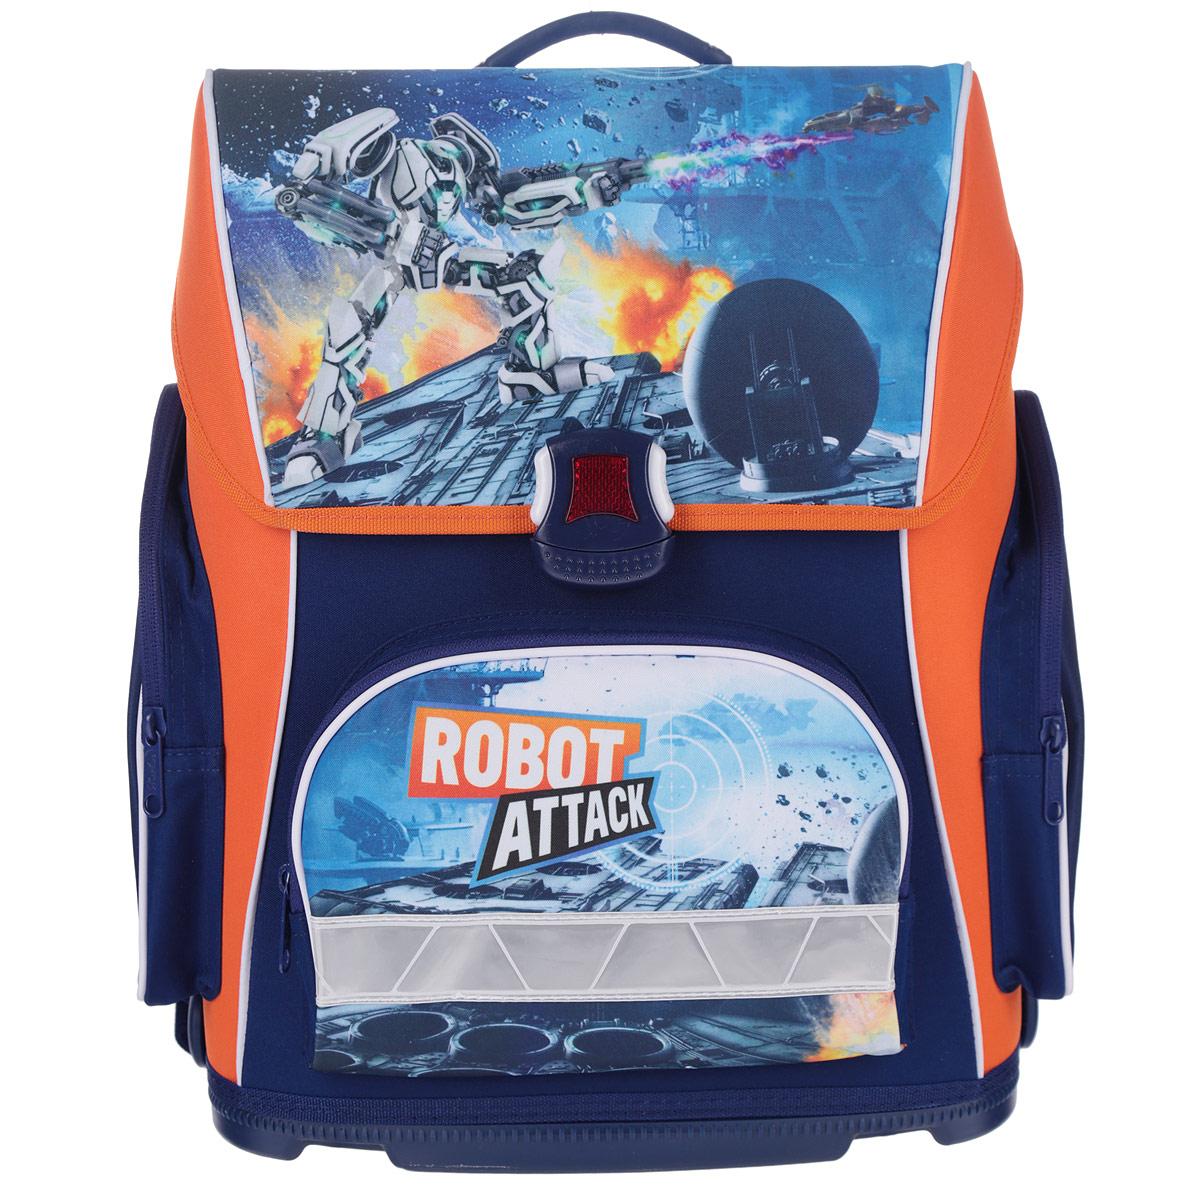 Ранец Hatber Robot Attack, модель Optimum, цвет: синий, оранжевый72523WDРанец Hatber Robot attack идеально подойдет для школьников!Ранец выполнен из водонепроницаемого, морозоустойчивого, устойчивого к солнечному излучению материала. Изделие оформлено изображением в виде робота.Содержит одно вместительное отделение, закрывающееся клапаном на замок-защелку. Внутри отделения имеется мягкая перегородка для тетрадей, учебников. Клапан полностью откидывается, что существенно облегчает пользование ранцем. На внутренней части клапана находится прозрачный пластиковый кармашек, в который можно поместить расписание занятий. Ранец имеет два боковых кармана, закрывающиеся на молнии. Лицевая сторона ранца оснащена накладным карманом на молнии.Жесткий анатомический каркас и форма спинки способствует равномерному распределению нагрузки и формированию правильной осанки. Конструкция спинки дополнена эргономичными подушечками, противоскользящей сеточкой и системой вентиляции для предотвращения запотевания спины ребенка. Широкие мягкие плечевые ремни оснащены удобными крючками для фиксации регулировочной ленты. S-образная форма лямок обеспечивает более плотную фиксацию ранца, предотвращая перенапряжение мышц спины. Ранец оснащен ручкой с резиновой насадкой для удобной переноски. Прочное пластиковое дно не деформируется и легко очищается от загрязнений. Светоотражающие элементы на лицевой стороне, боковых карманах и лямках рюкзака обеспечивают дополнительную безопасность в темное время суток.Многофункциональный школьный ранец станет незаменимым спутником вашего ребенка в походах за знаниями.